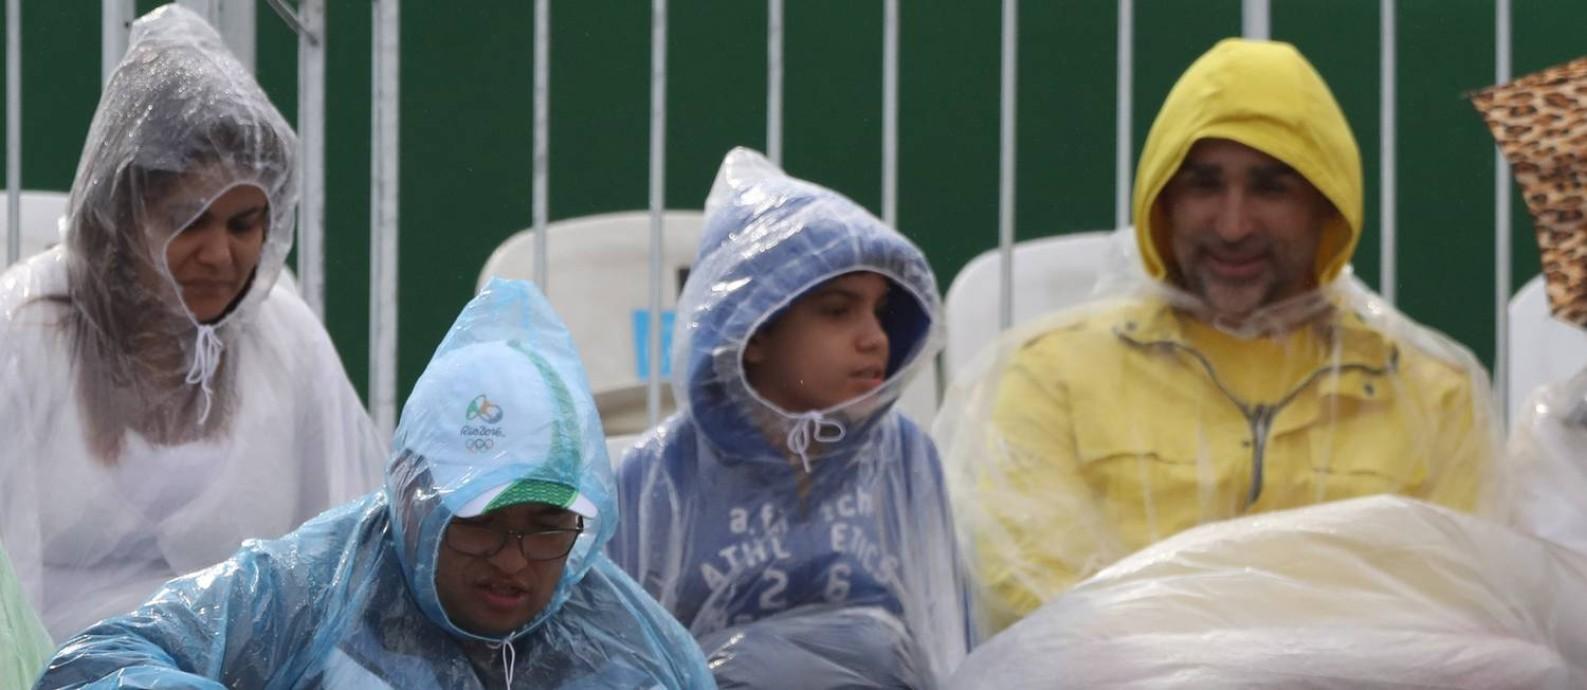 Apesar da operação da Fundação Cacique Cobra Coral os jogos do Rio tem registrado mau tempo, com provas tendo que ser adiadas Foto: Jorge William / Agência O Globo